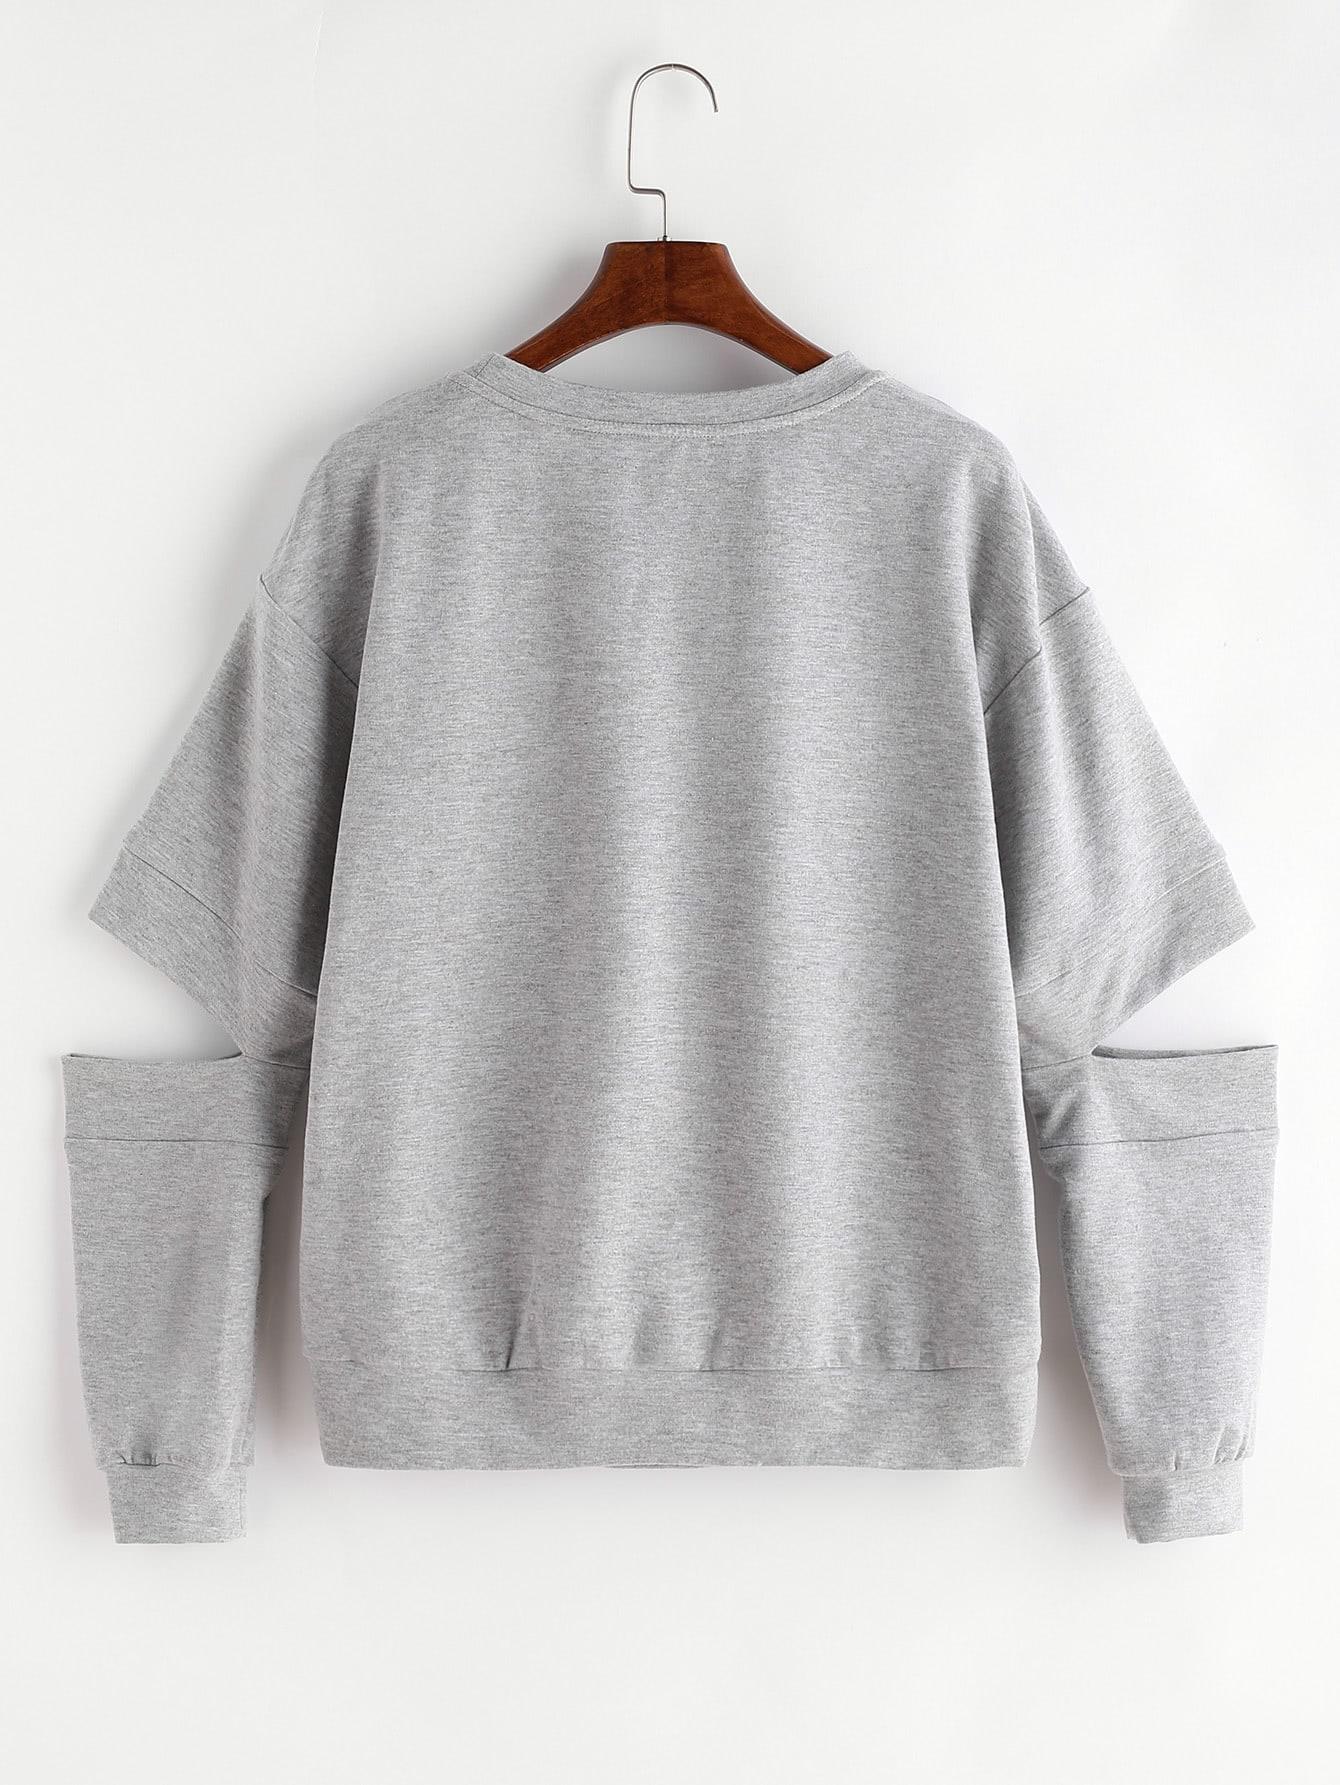 sweatshirt170213701_2